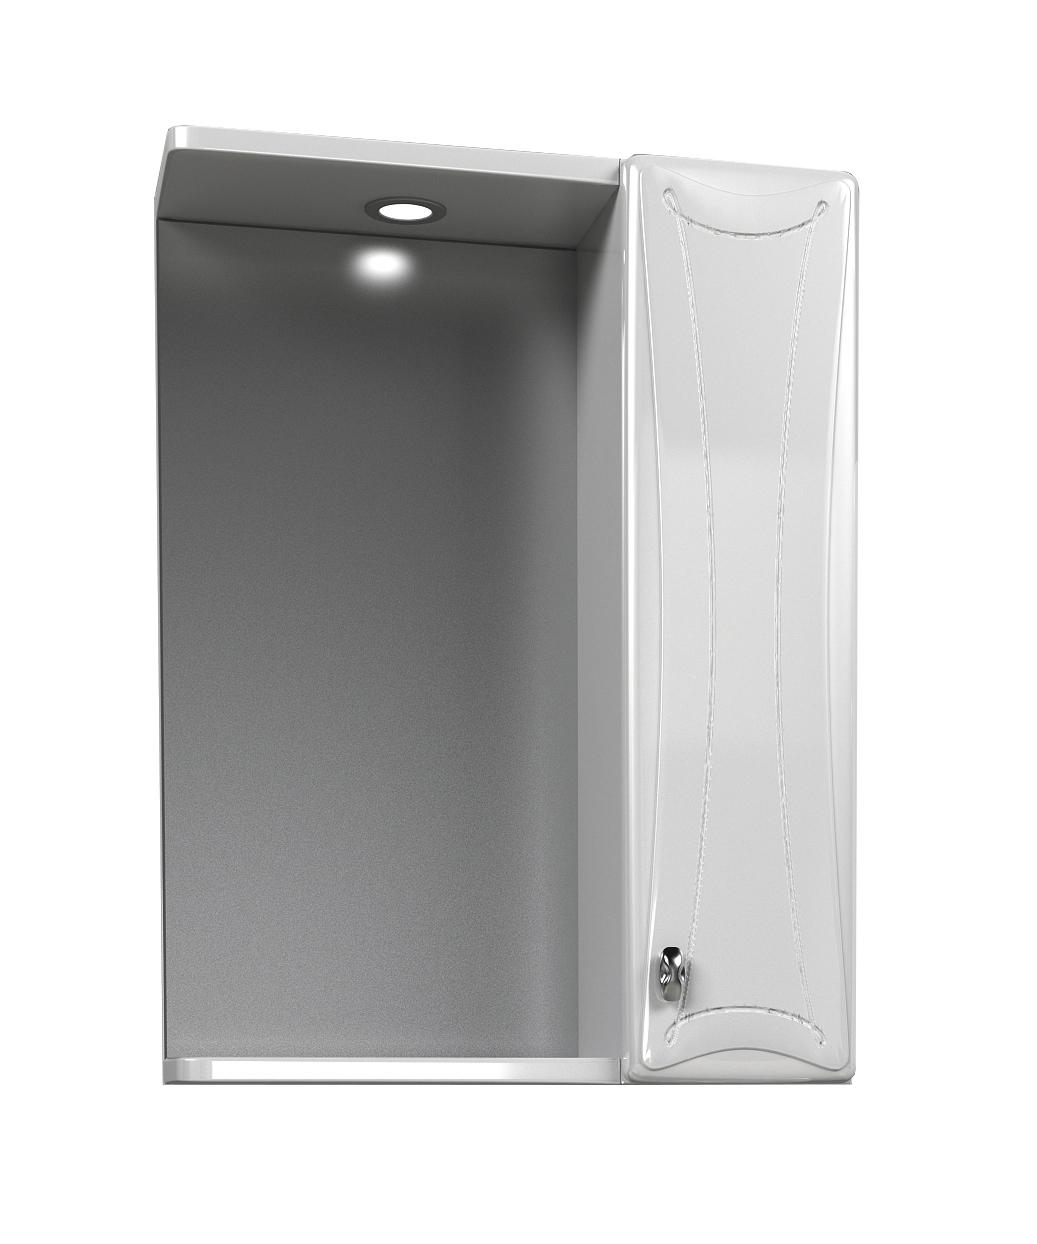 Зеркальный шкаф Aqualife designМебель для ванной комнаты<br>Тип: шкаф, Тип установки мебели для ванной: подвесной, Материал изготовления мебели для ванной: дсп, Зеркало: есть, Цвет мебели для ванной: белый, Вес нетто: 15.2<br>